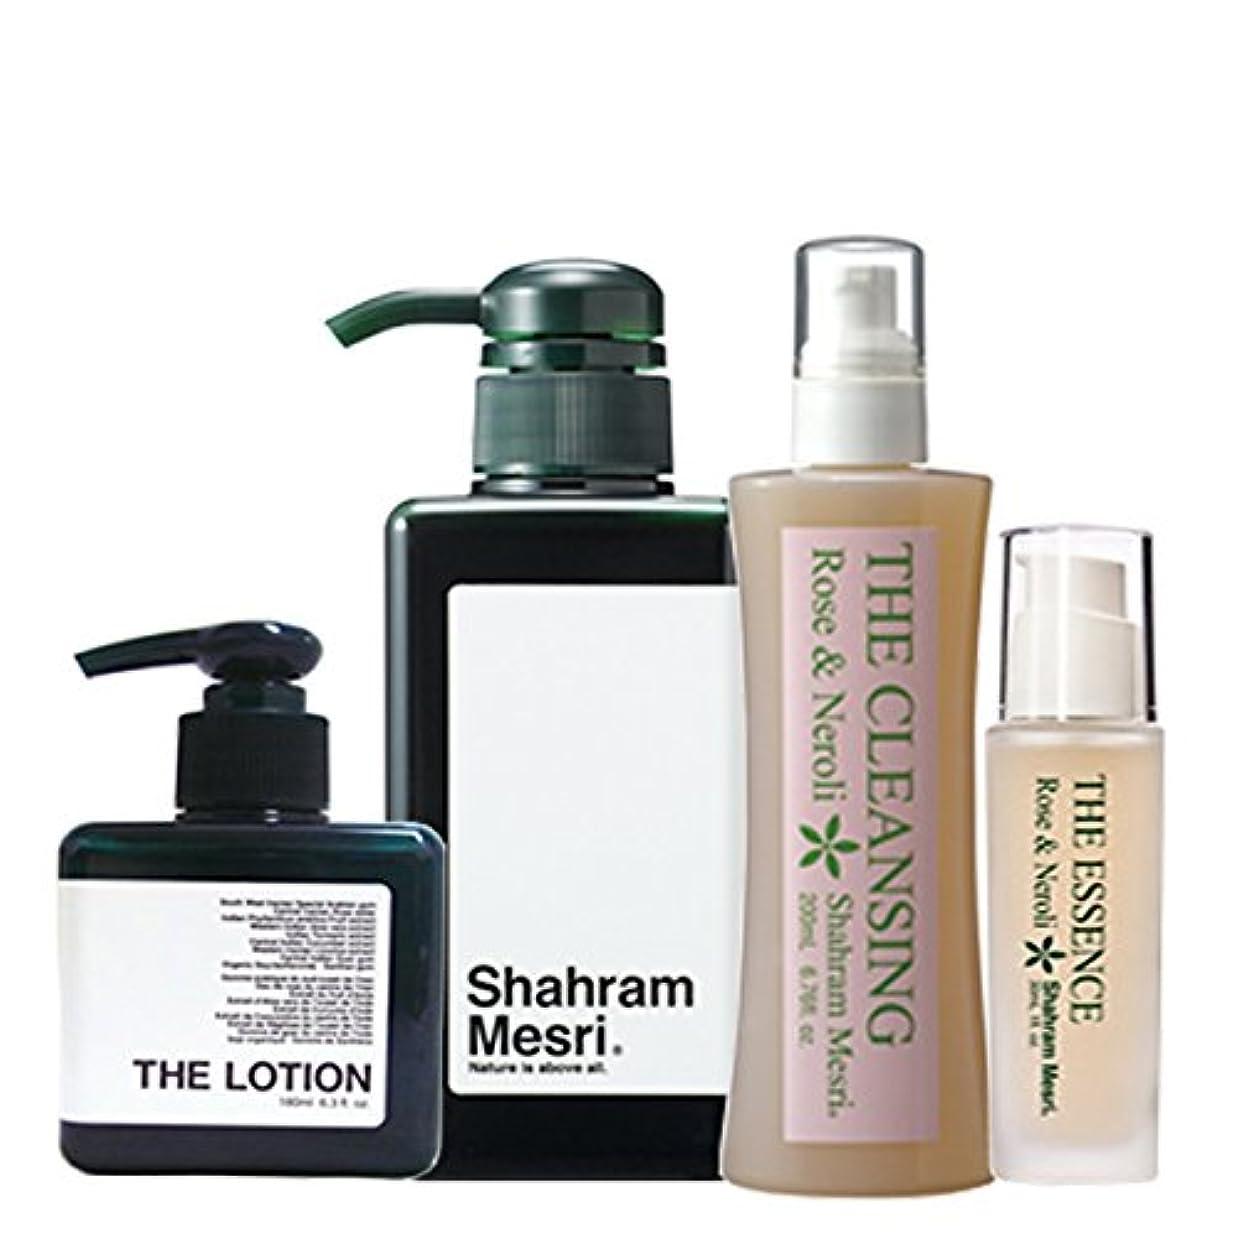 注釈どうやら拡声器Shahram Mesri パーフェクトセット シャハランメスリ ザ?シャンプー ザ?ローション ザ?クレンジング ザ?エッセンス のセットです。 お化粧落としからシャンプーそしてローションエッセンスの仕上げまで お試しください。